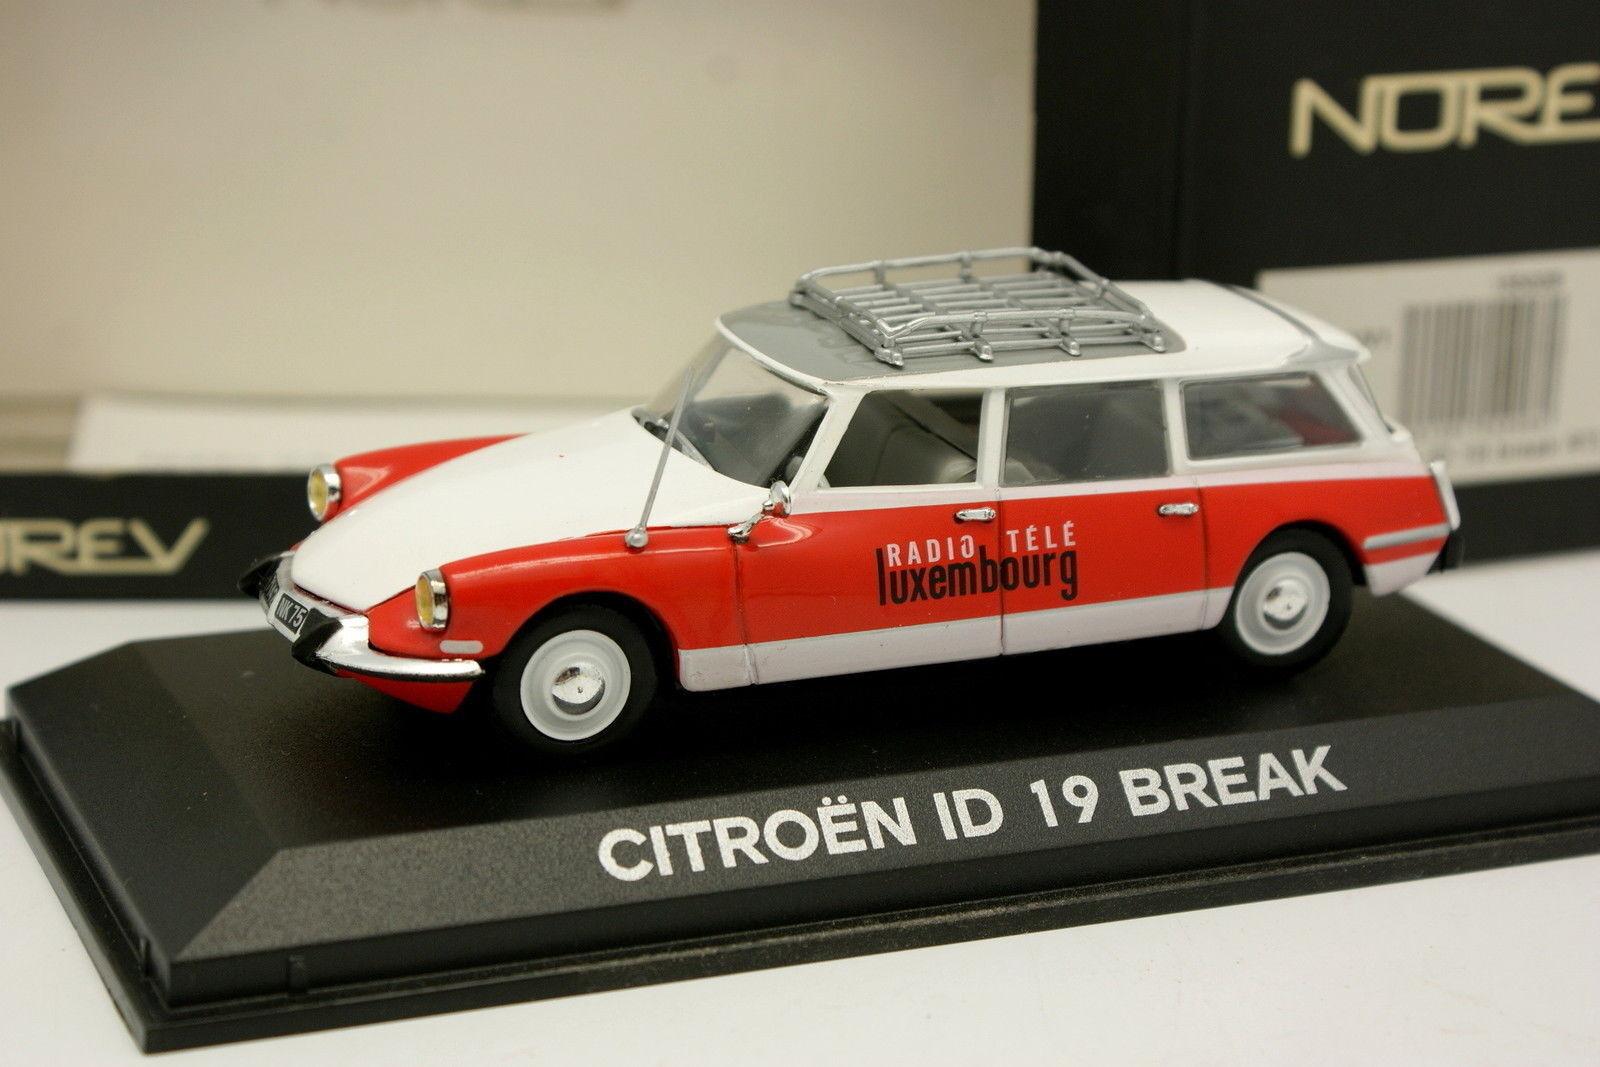 Norev 1 43 - Citroen DS ID 19 Break RTL Radio Tele Lussemburgo